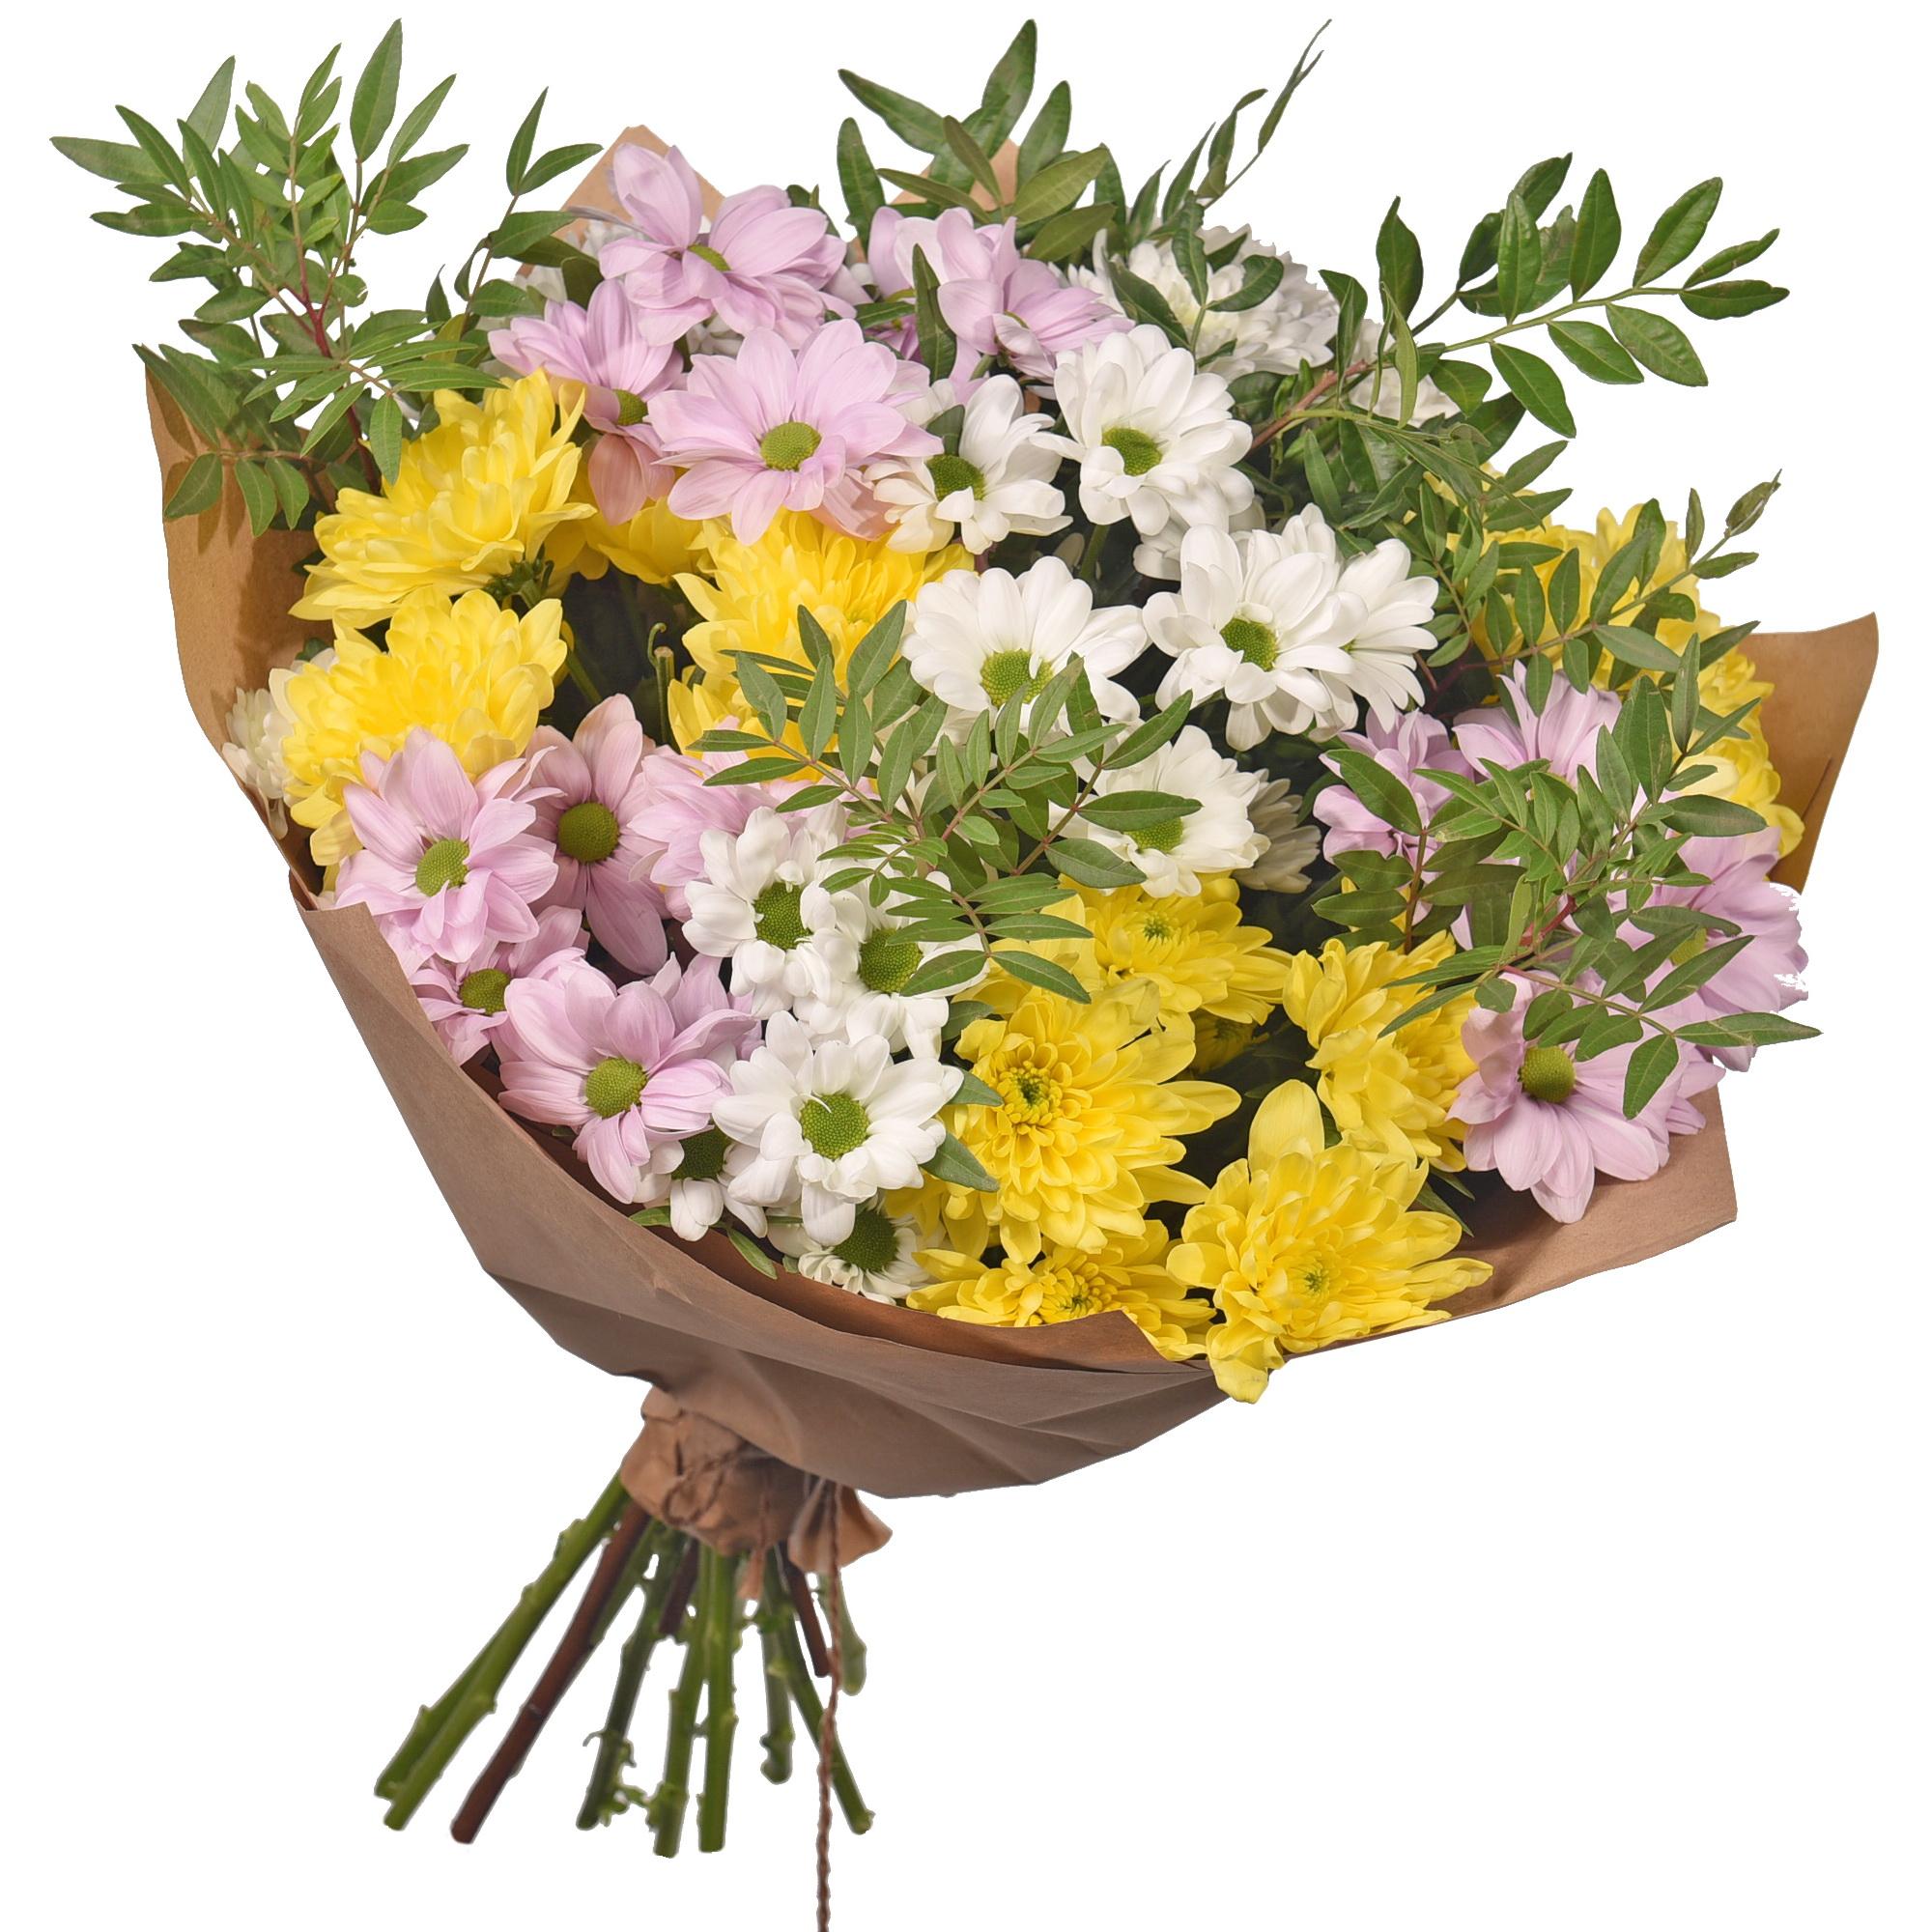 Букет из сосны и хризантем фото